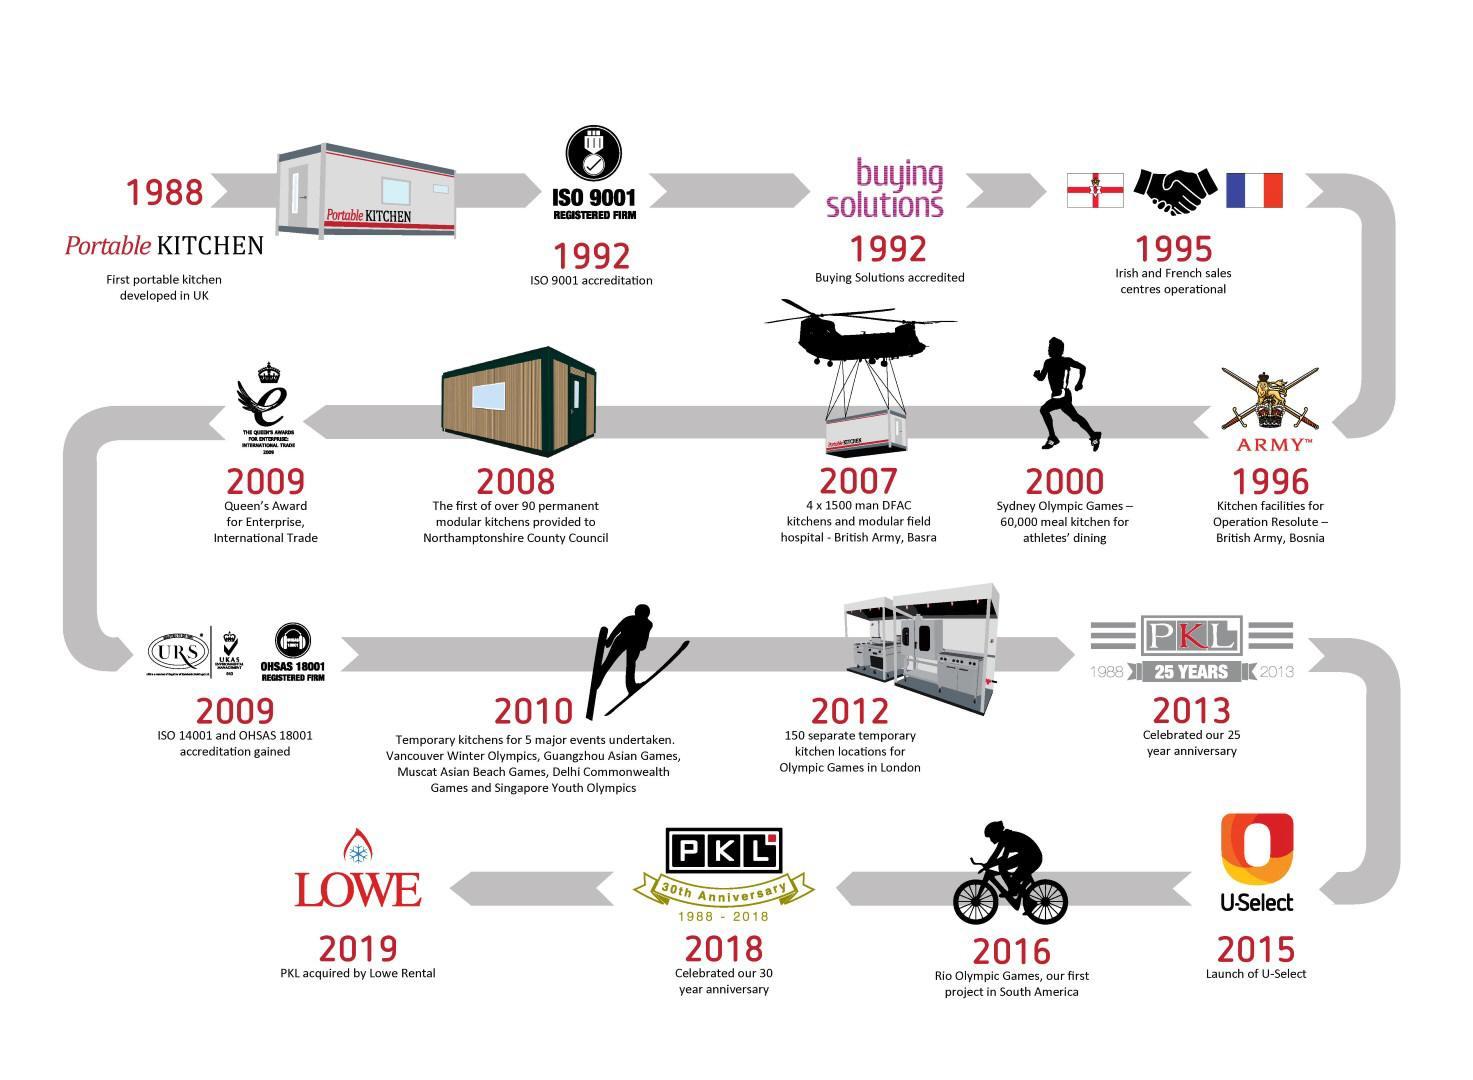 PKL Timeline